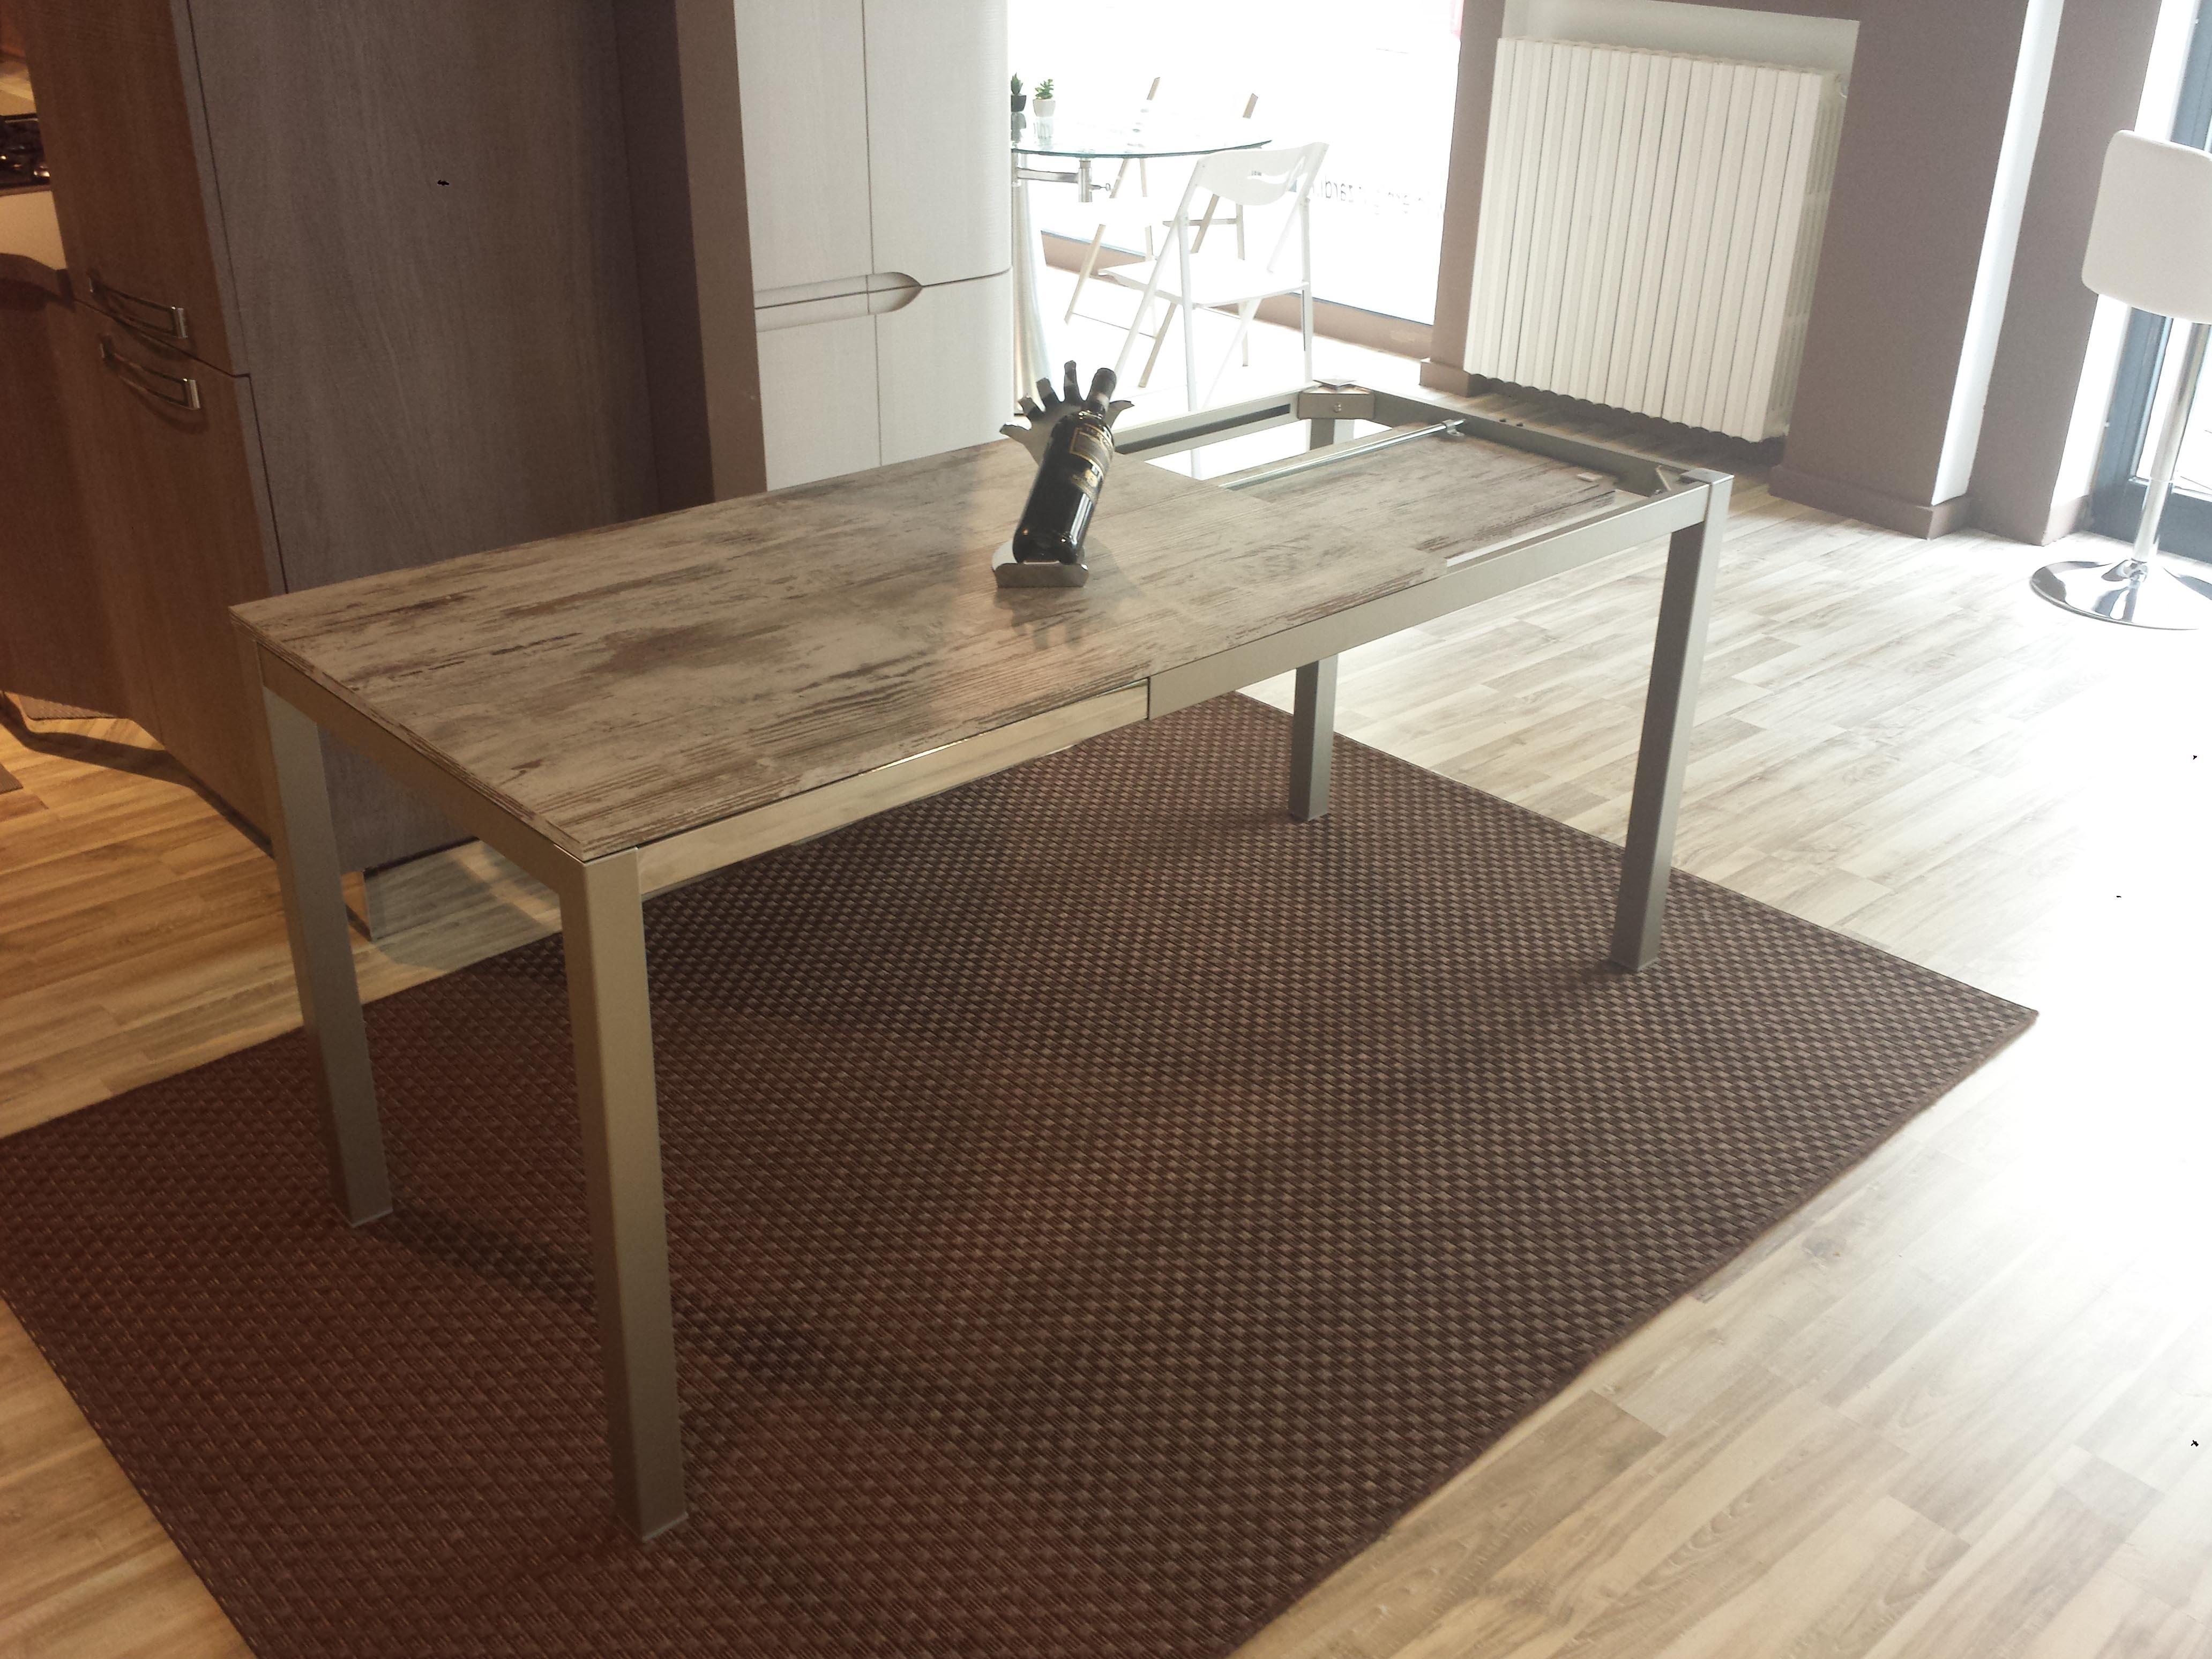 Tavolo kitchen rettangolare allungabile laminato tavoli for Cerco tavolo da cucina allungabile